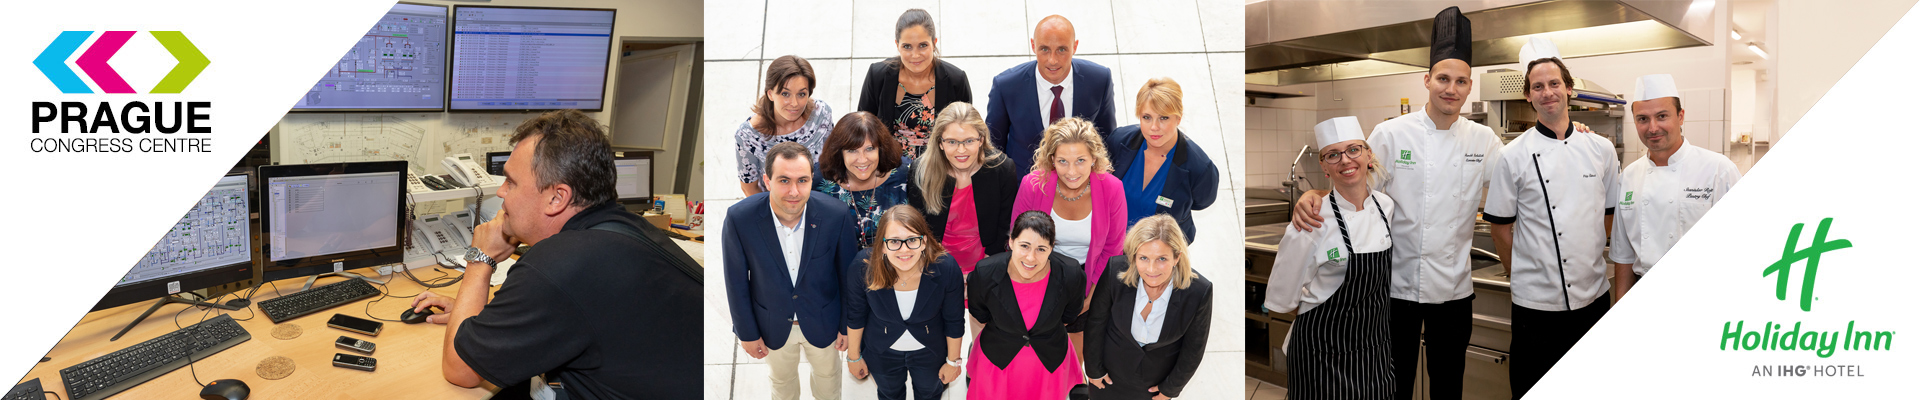 Kariera Prague Congress Centre Praguecc Cz